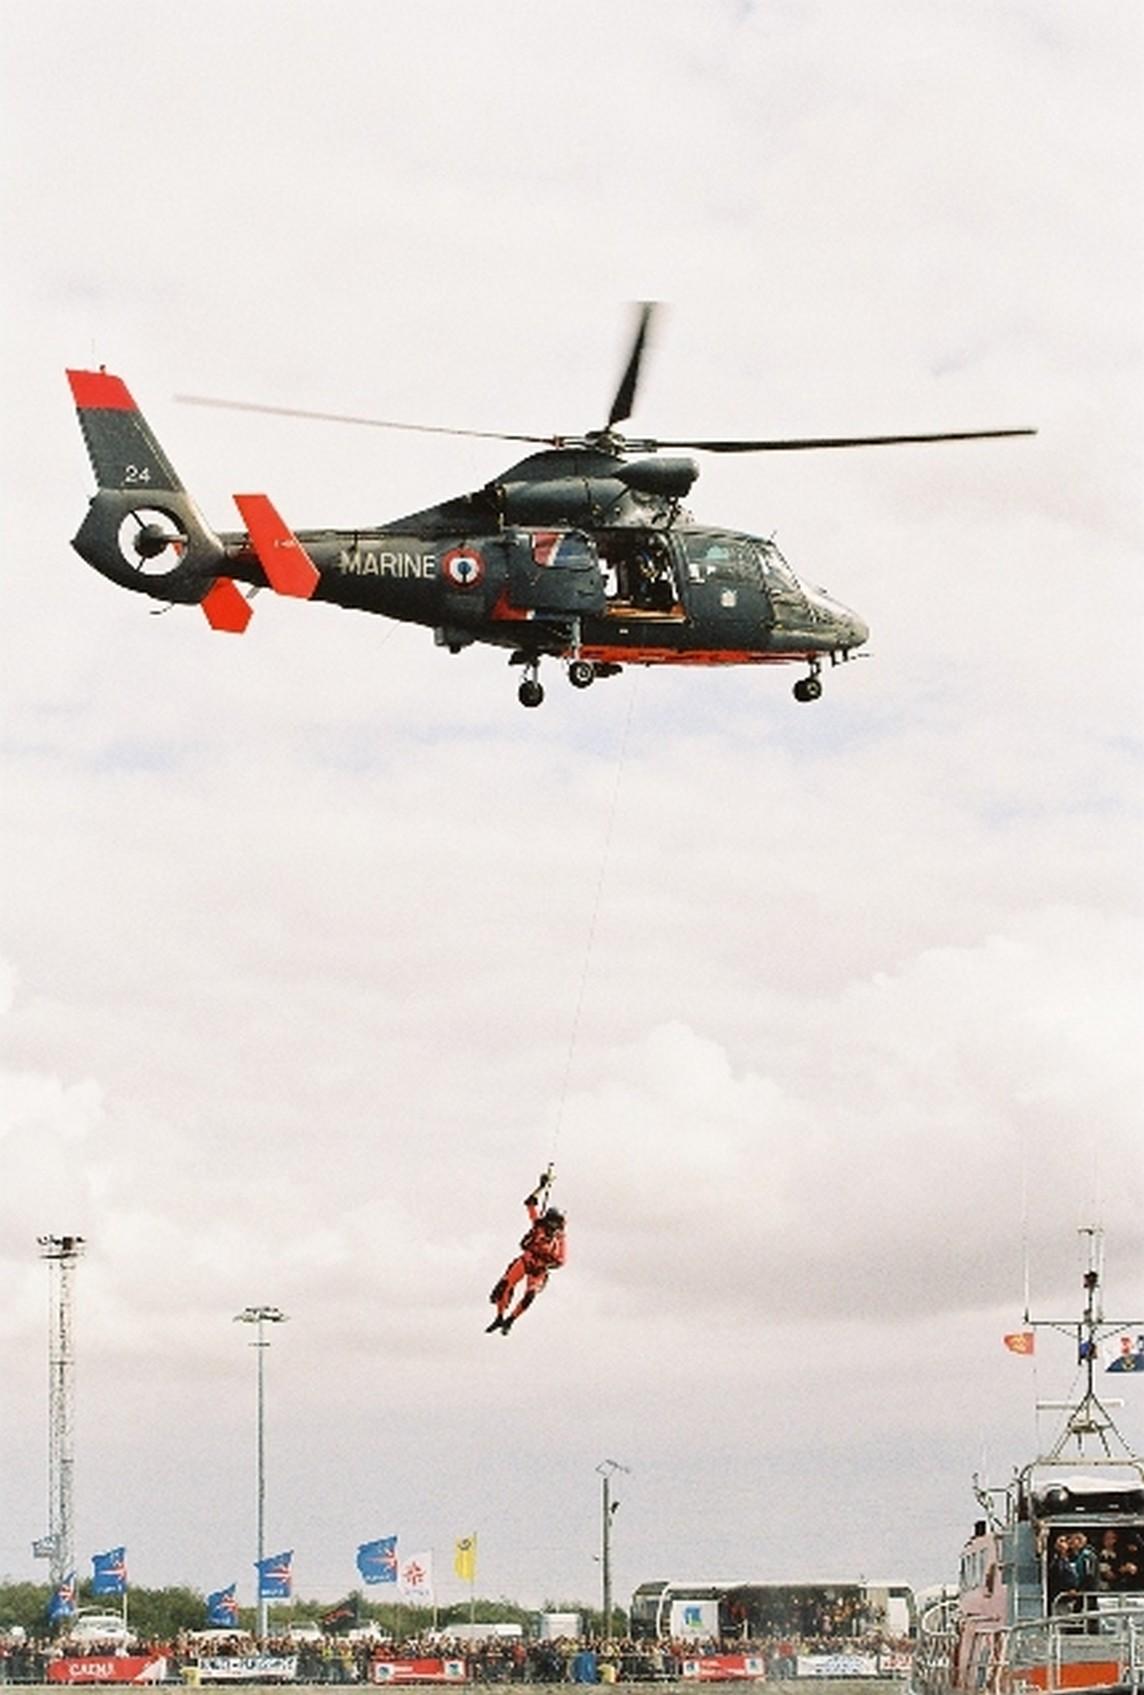 [ Aéronavale divers ] Hélicoptère DAUPHIN - Page 3 46809900001010